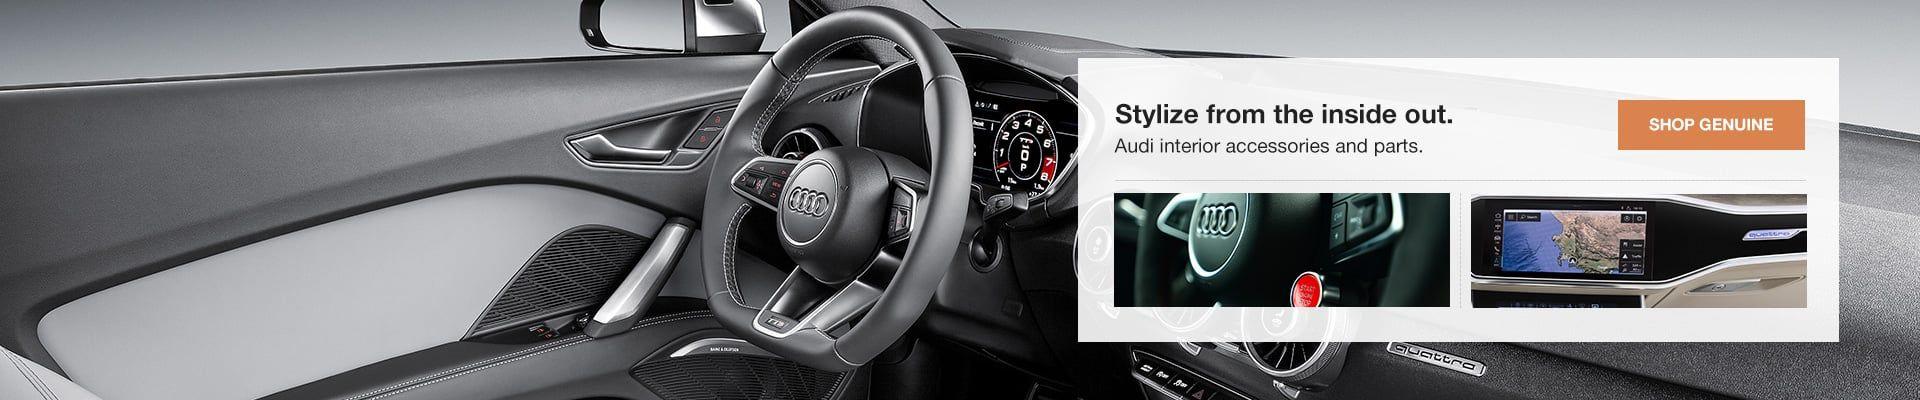 Audi Interior Accessories and Parts